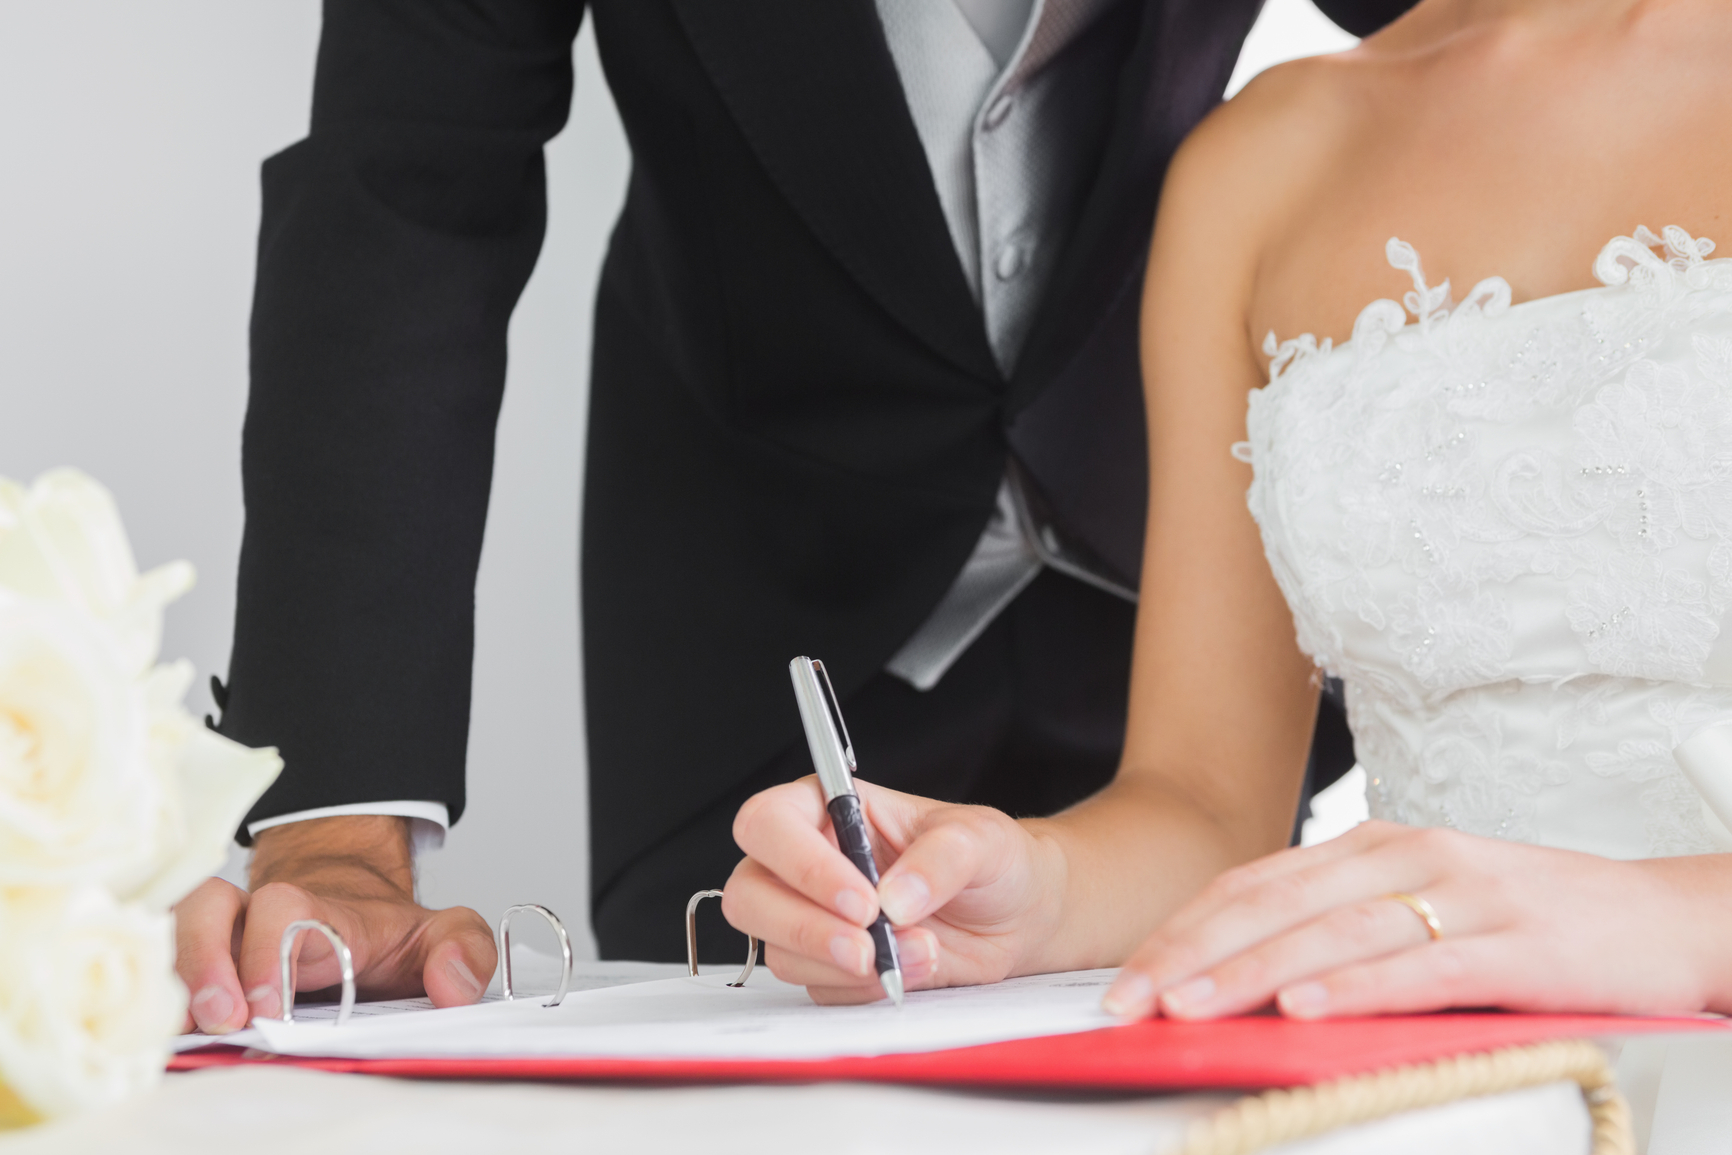 Лизе брачный контракт когда заключать спросил